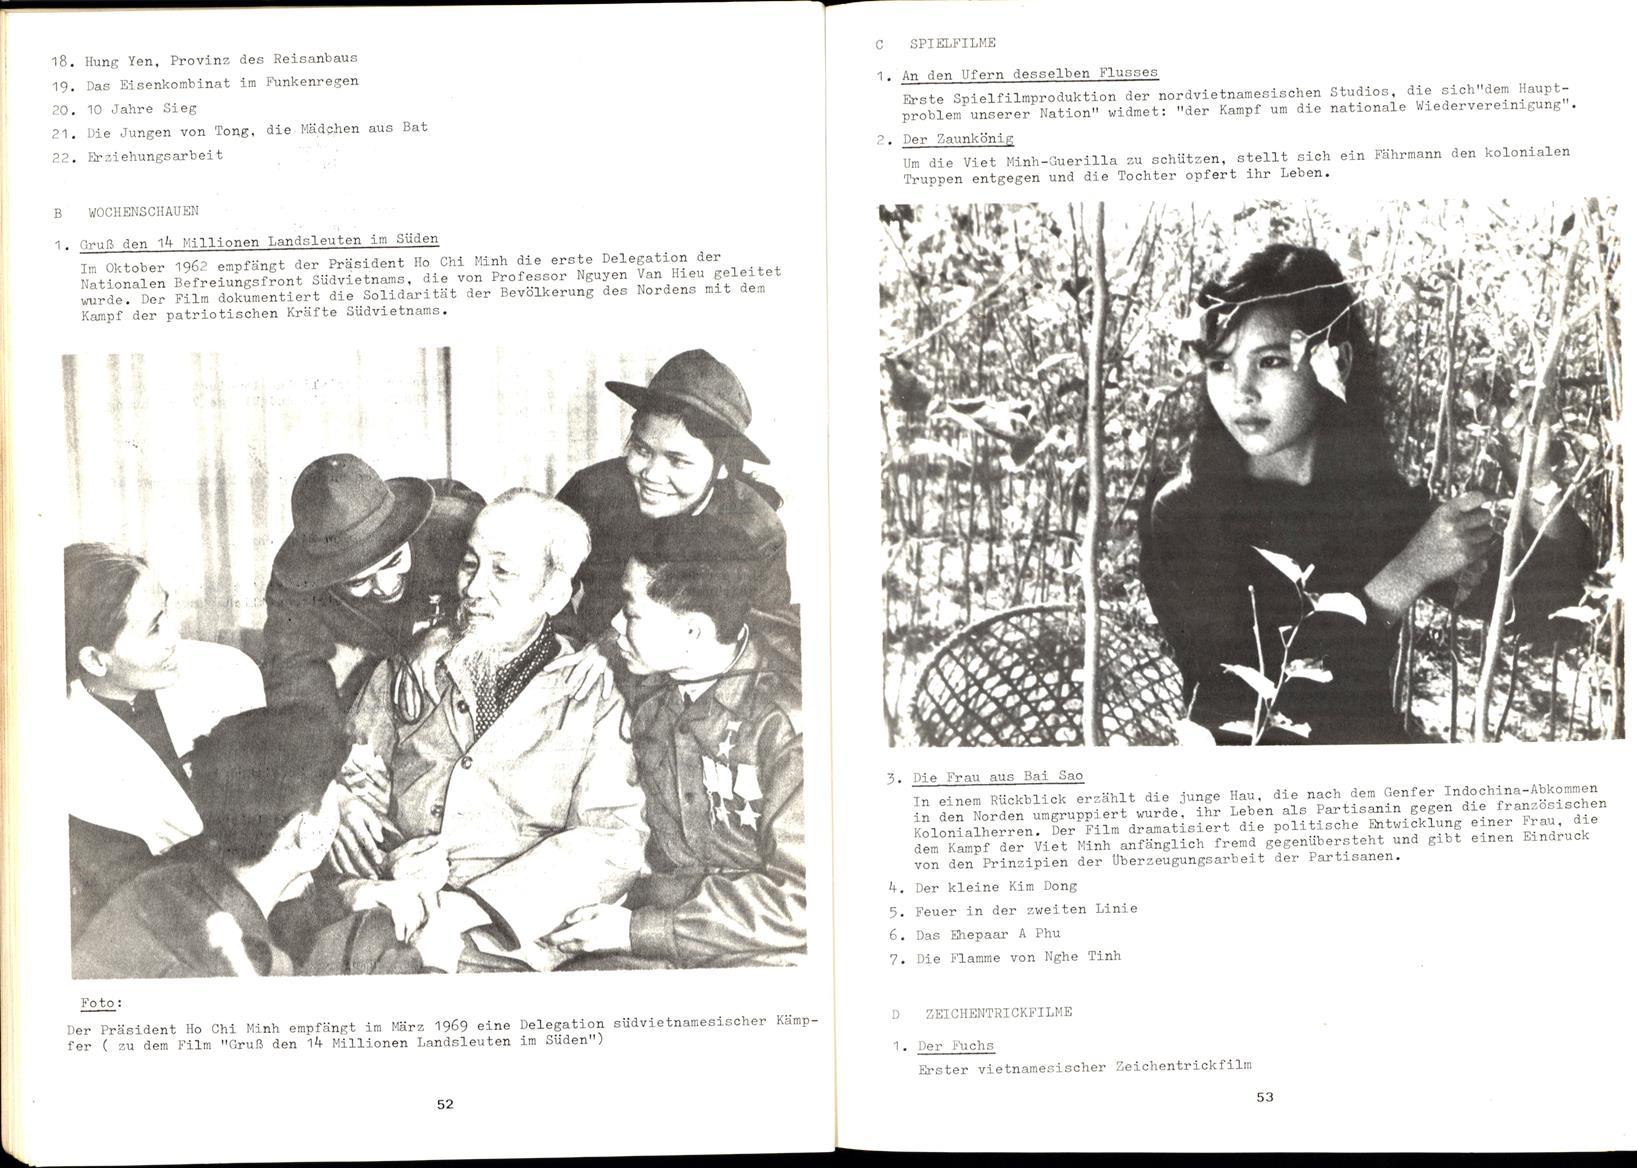 IK_Filmwesen_Bulletin_19740400_008_009_027